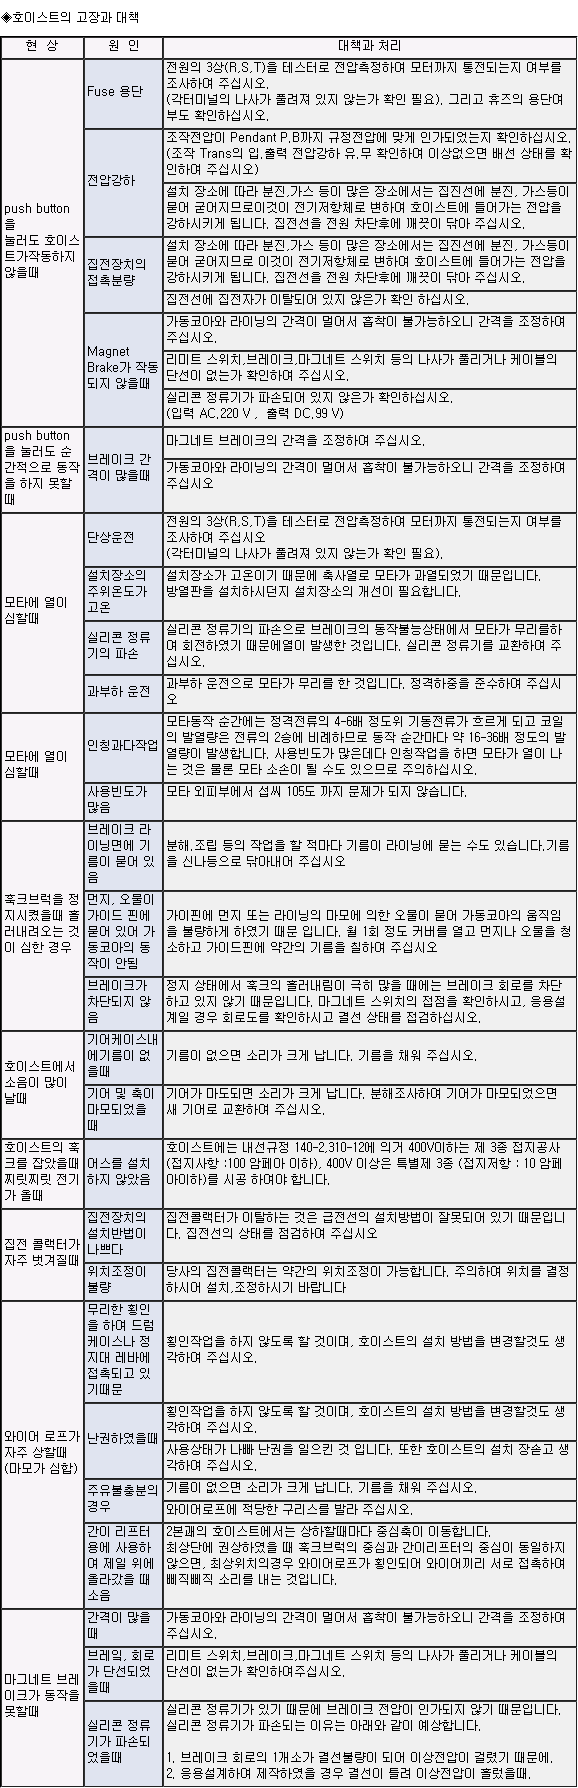 극동 호이스트 보수 및 점검